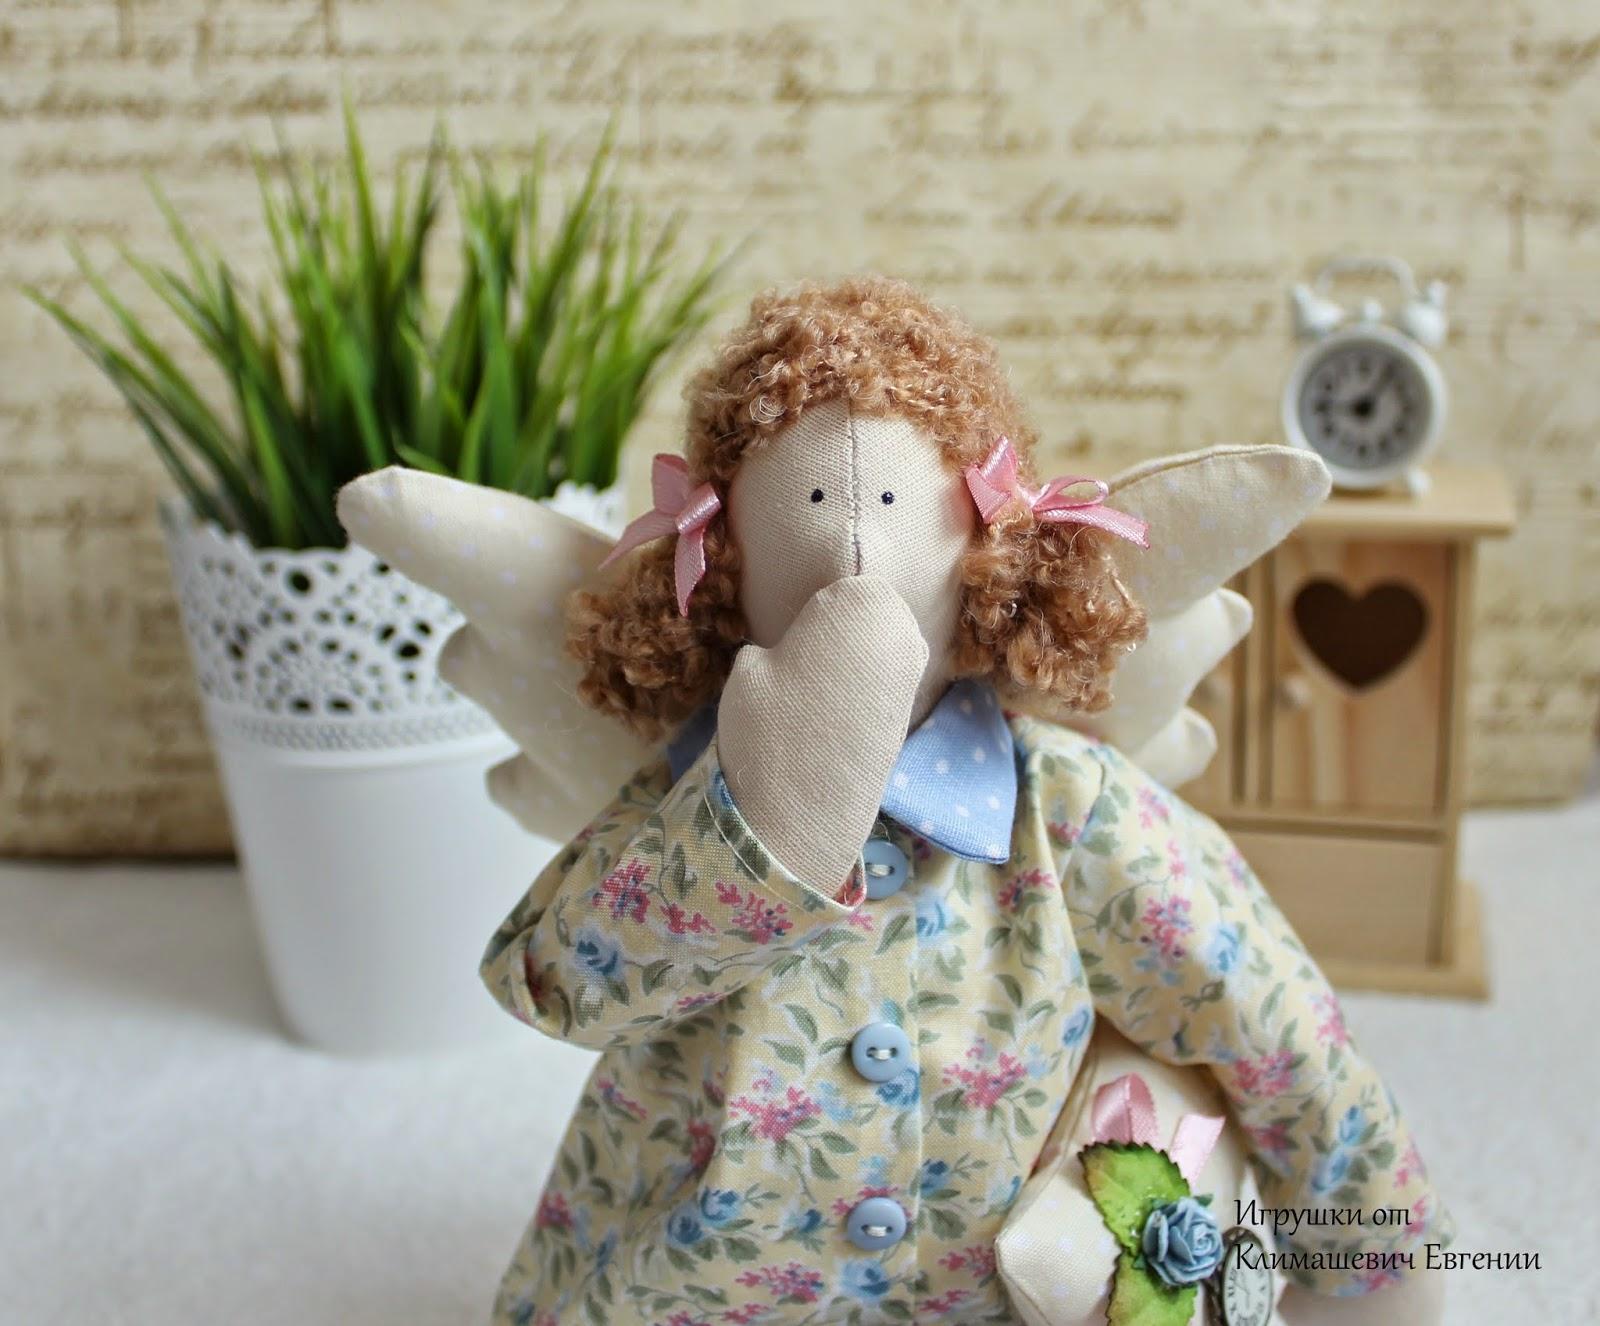 Сонный ангел, ангел, тильда ангел, тильда, кукла тильда, тильда сонный ангел, спящий ангел, сплюшка, сплюшкин, кукла, текстильная кукла, интерьерная кукла, подарок, авторская кукла, купить тильду